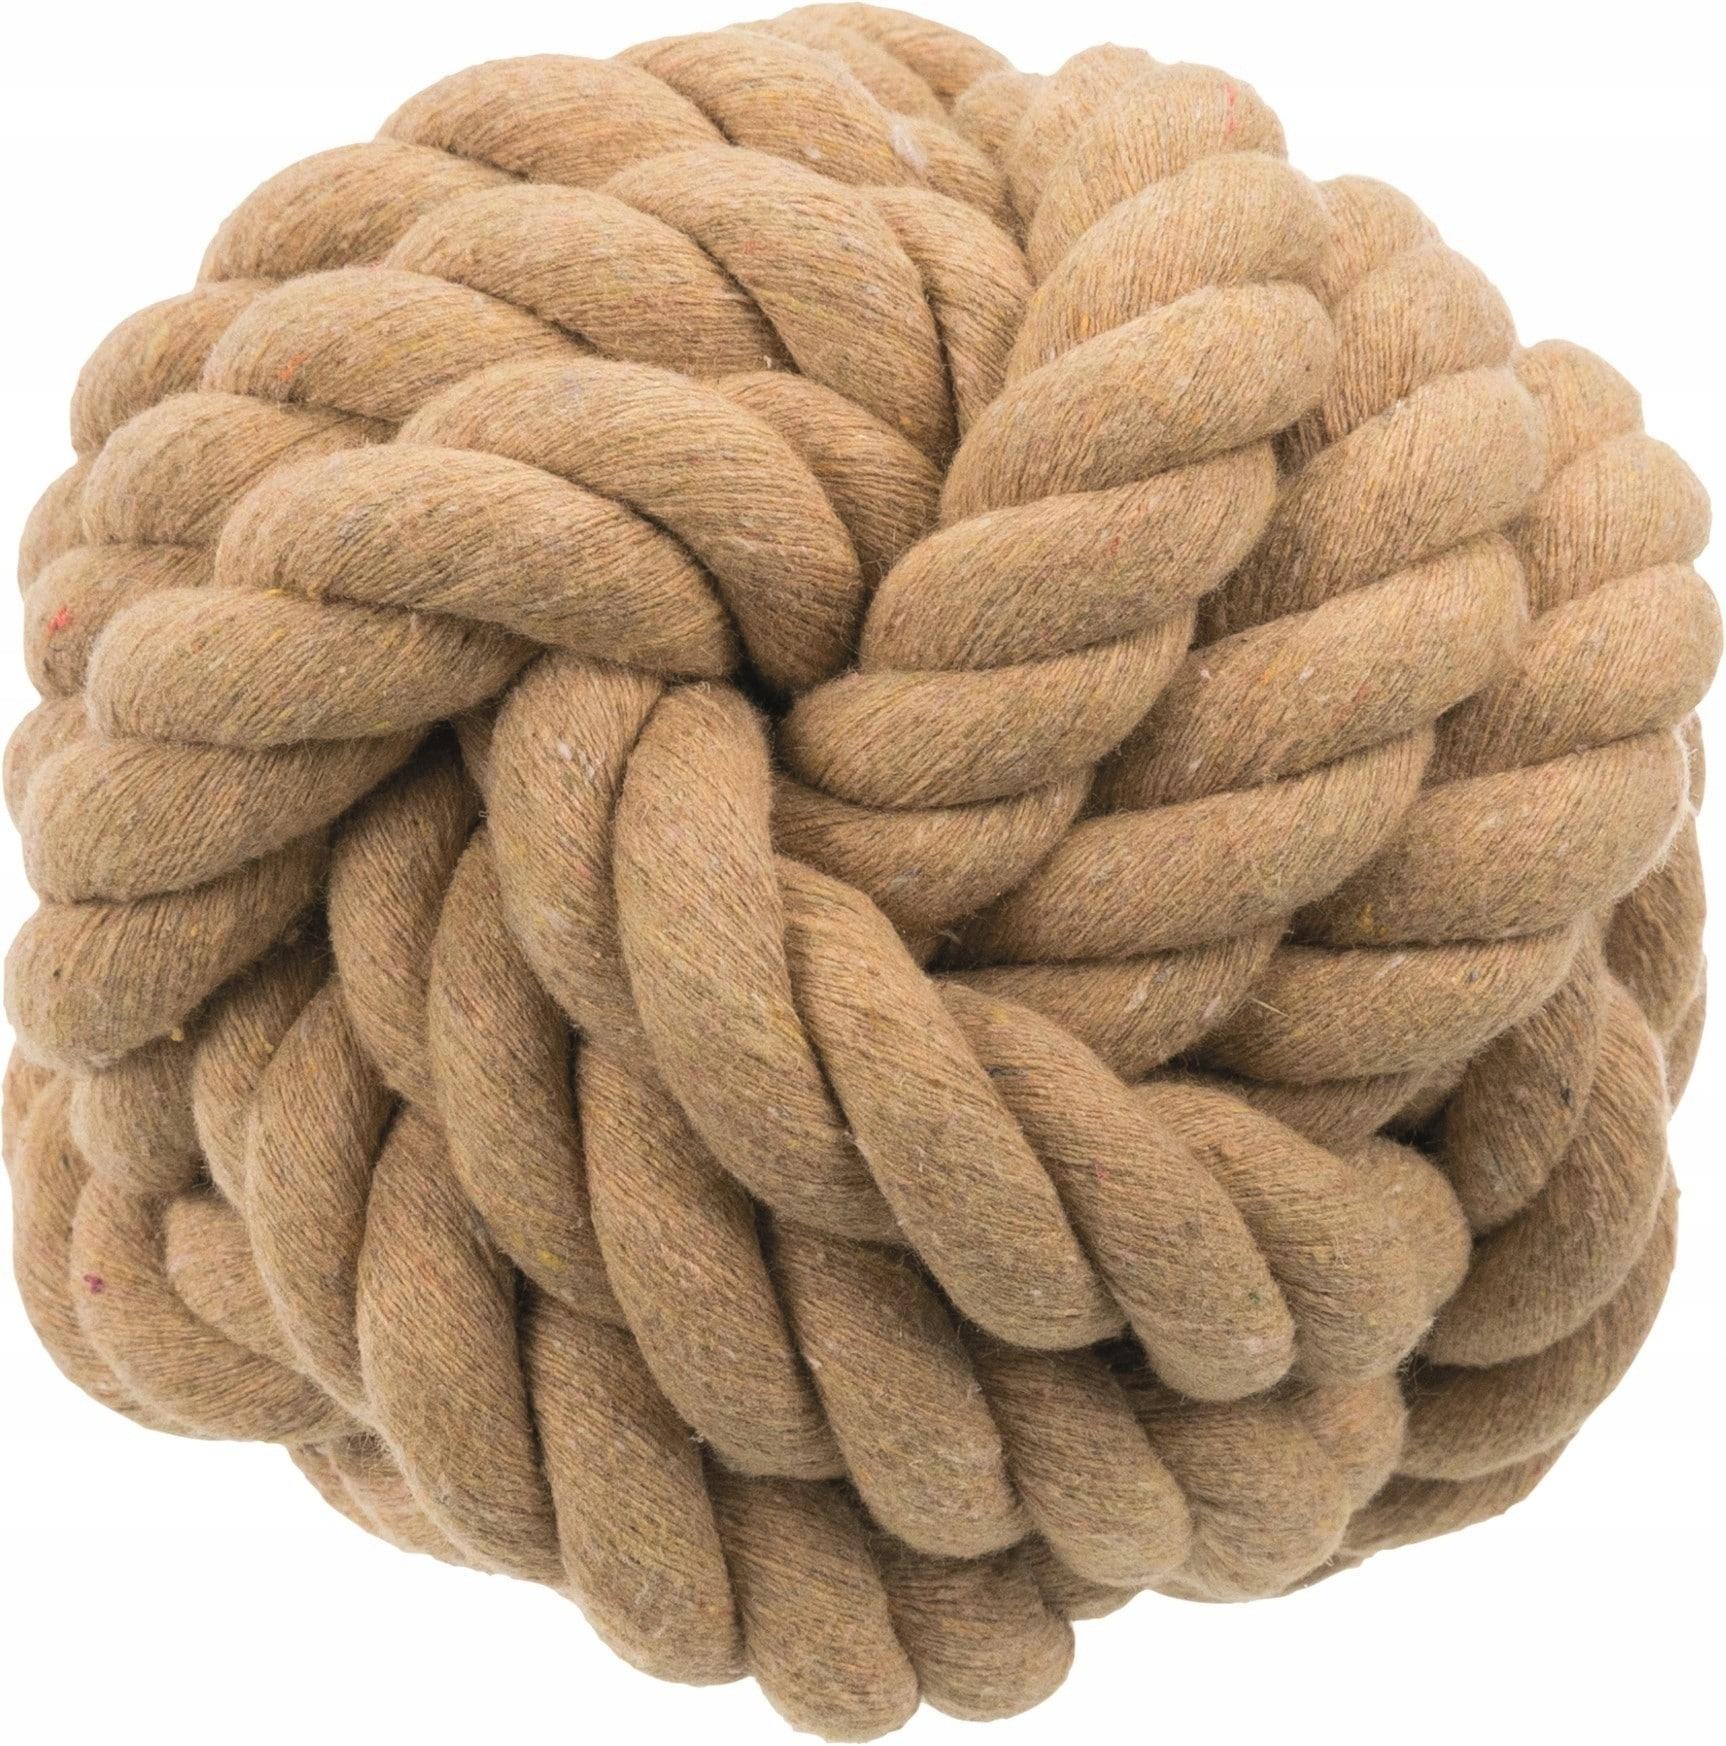 Piłka sznurowa Be Nordic, o 18 cm - 3 zdjęcie